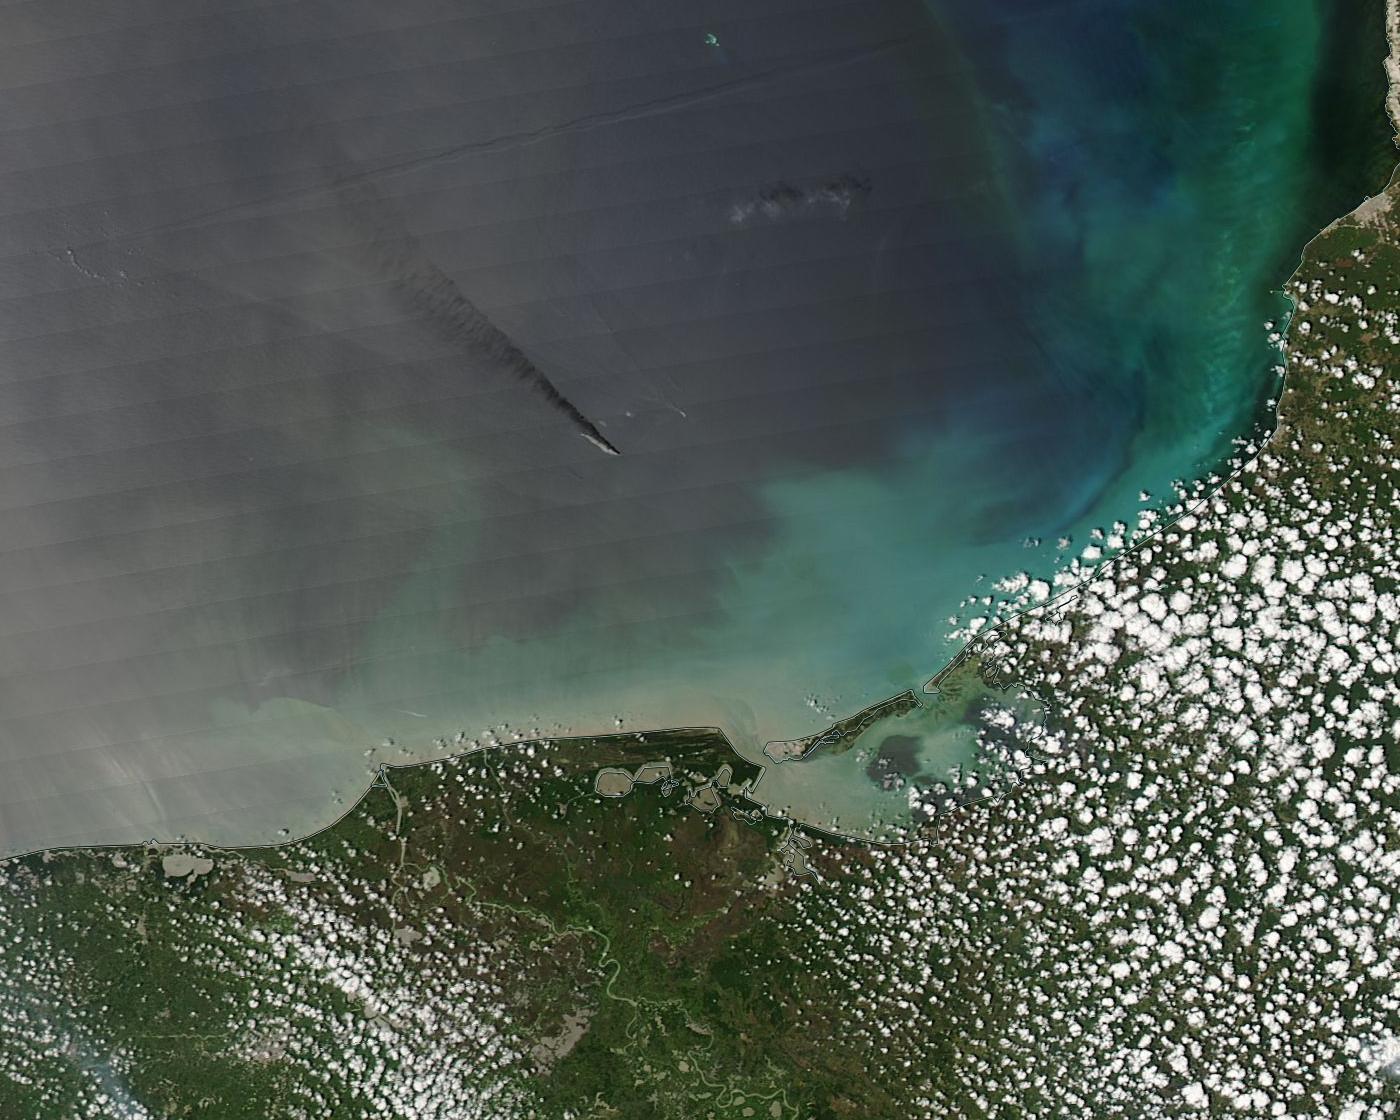 L'explosion de la plate-forme Pemex dans le golfe du Mexique en avril 2015 - Satellite Aqua - MODIS - Oil spill - Incendie - Abkatun